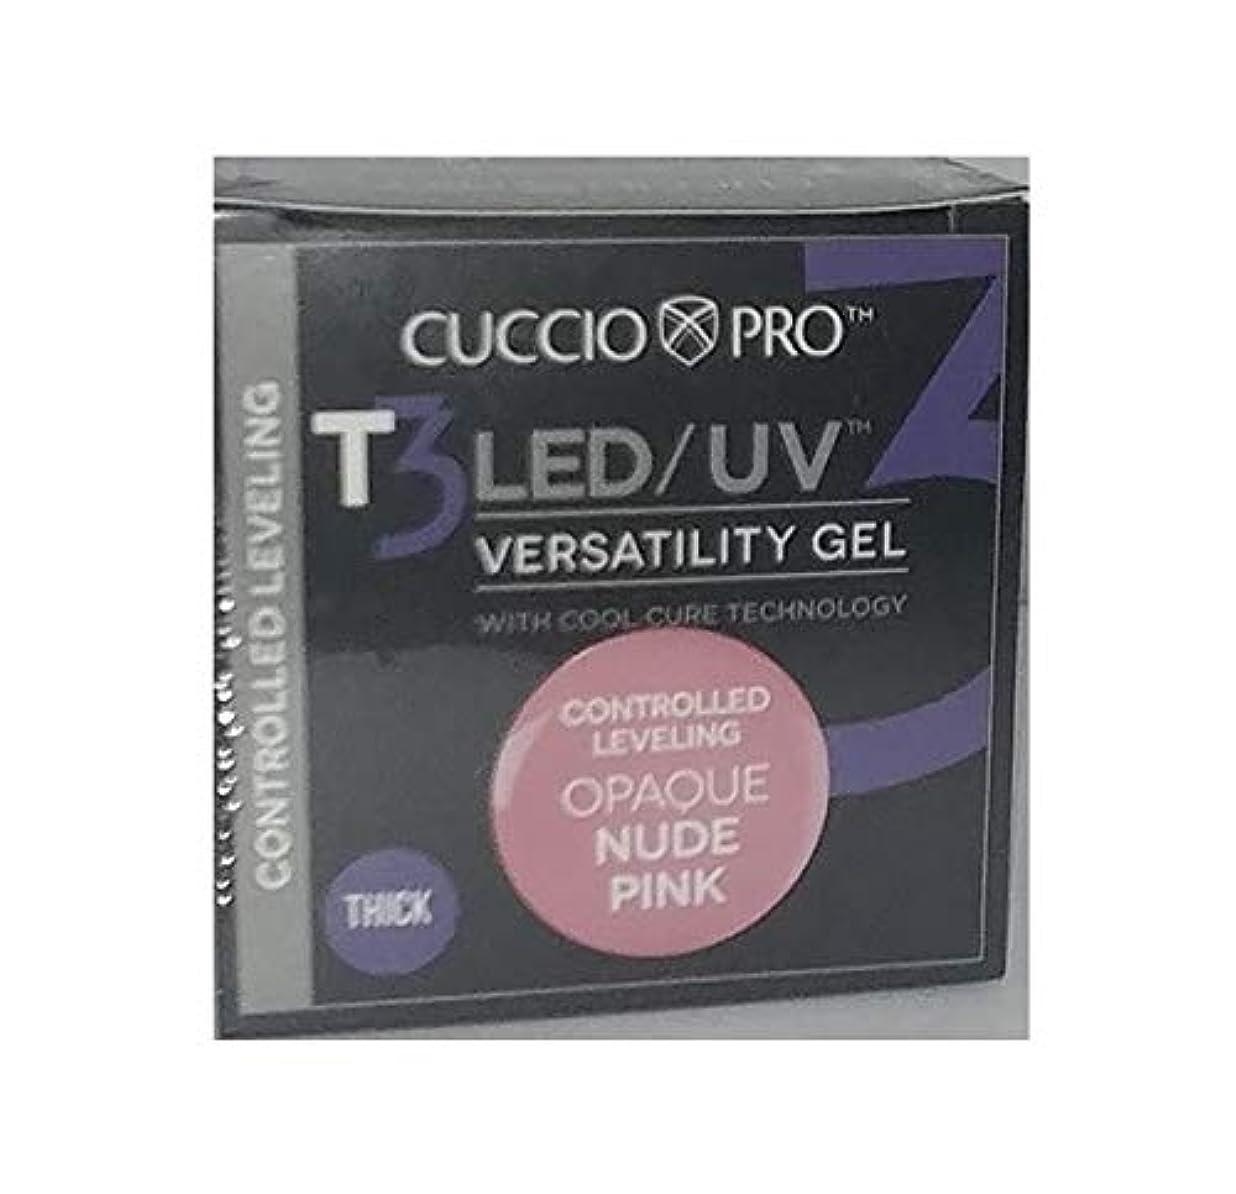 石油誓約奨学金Cuccio Pro - T3 LED/UV Gel - Controlled Leveling - Opaque Nude Pink - 1 oz / 28 g